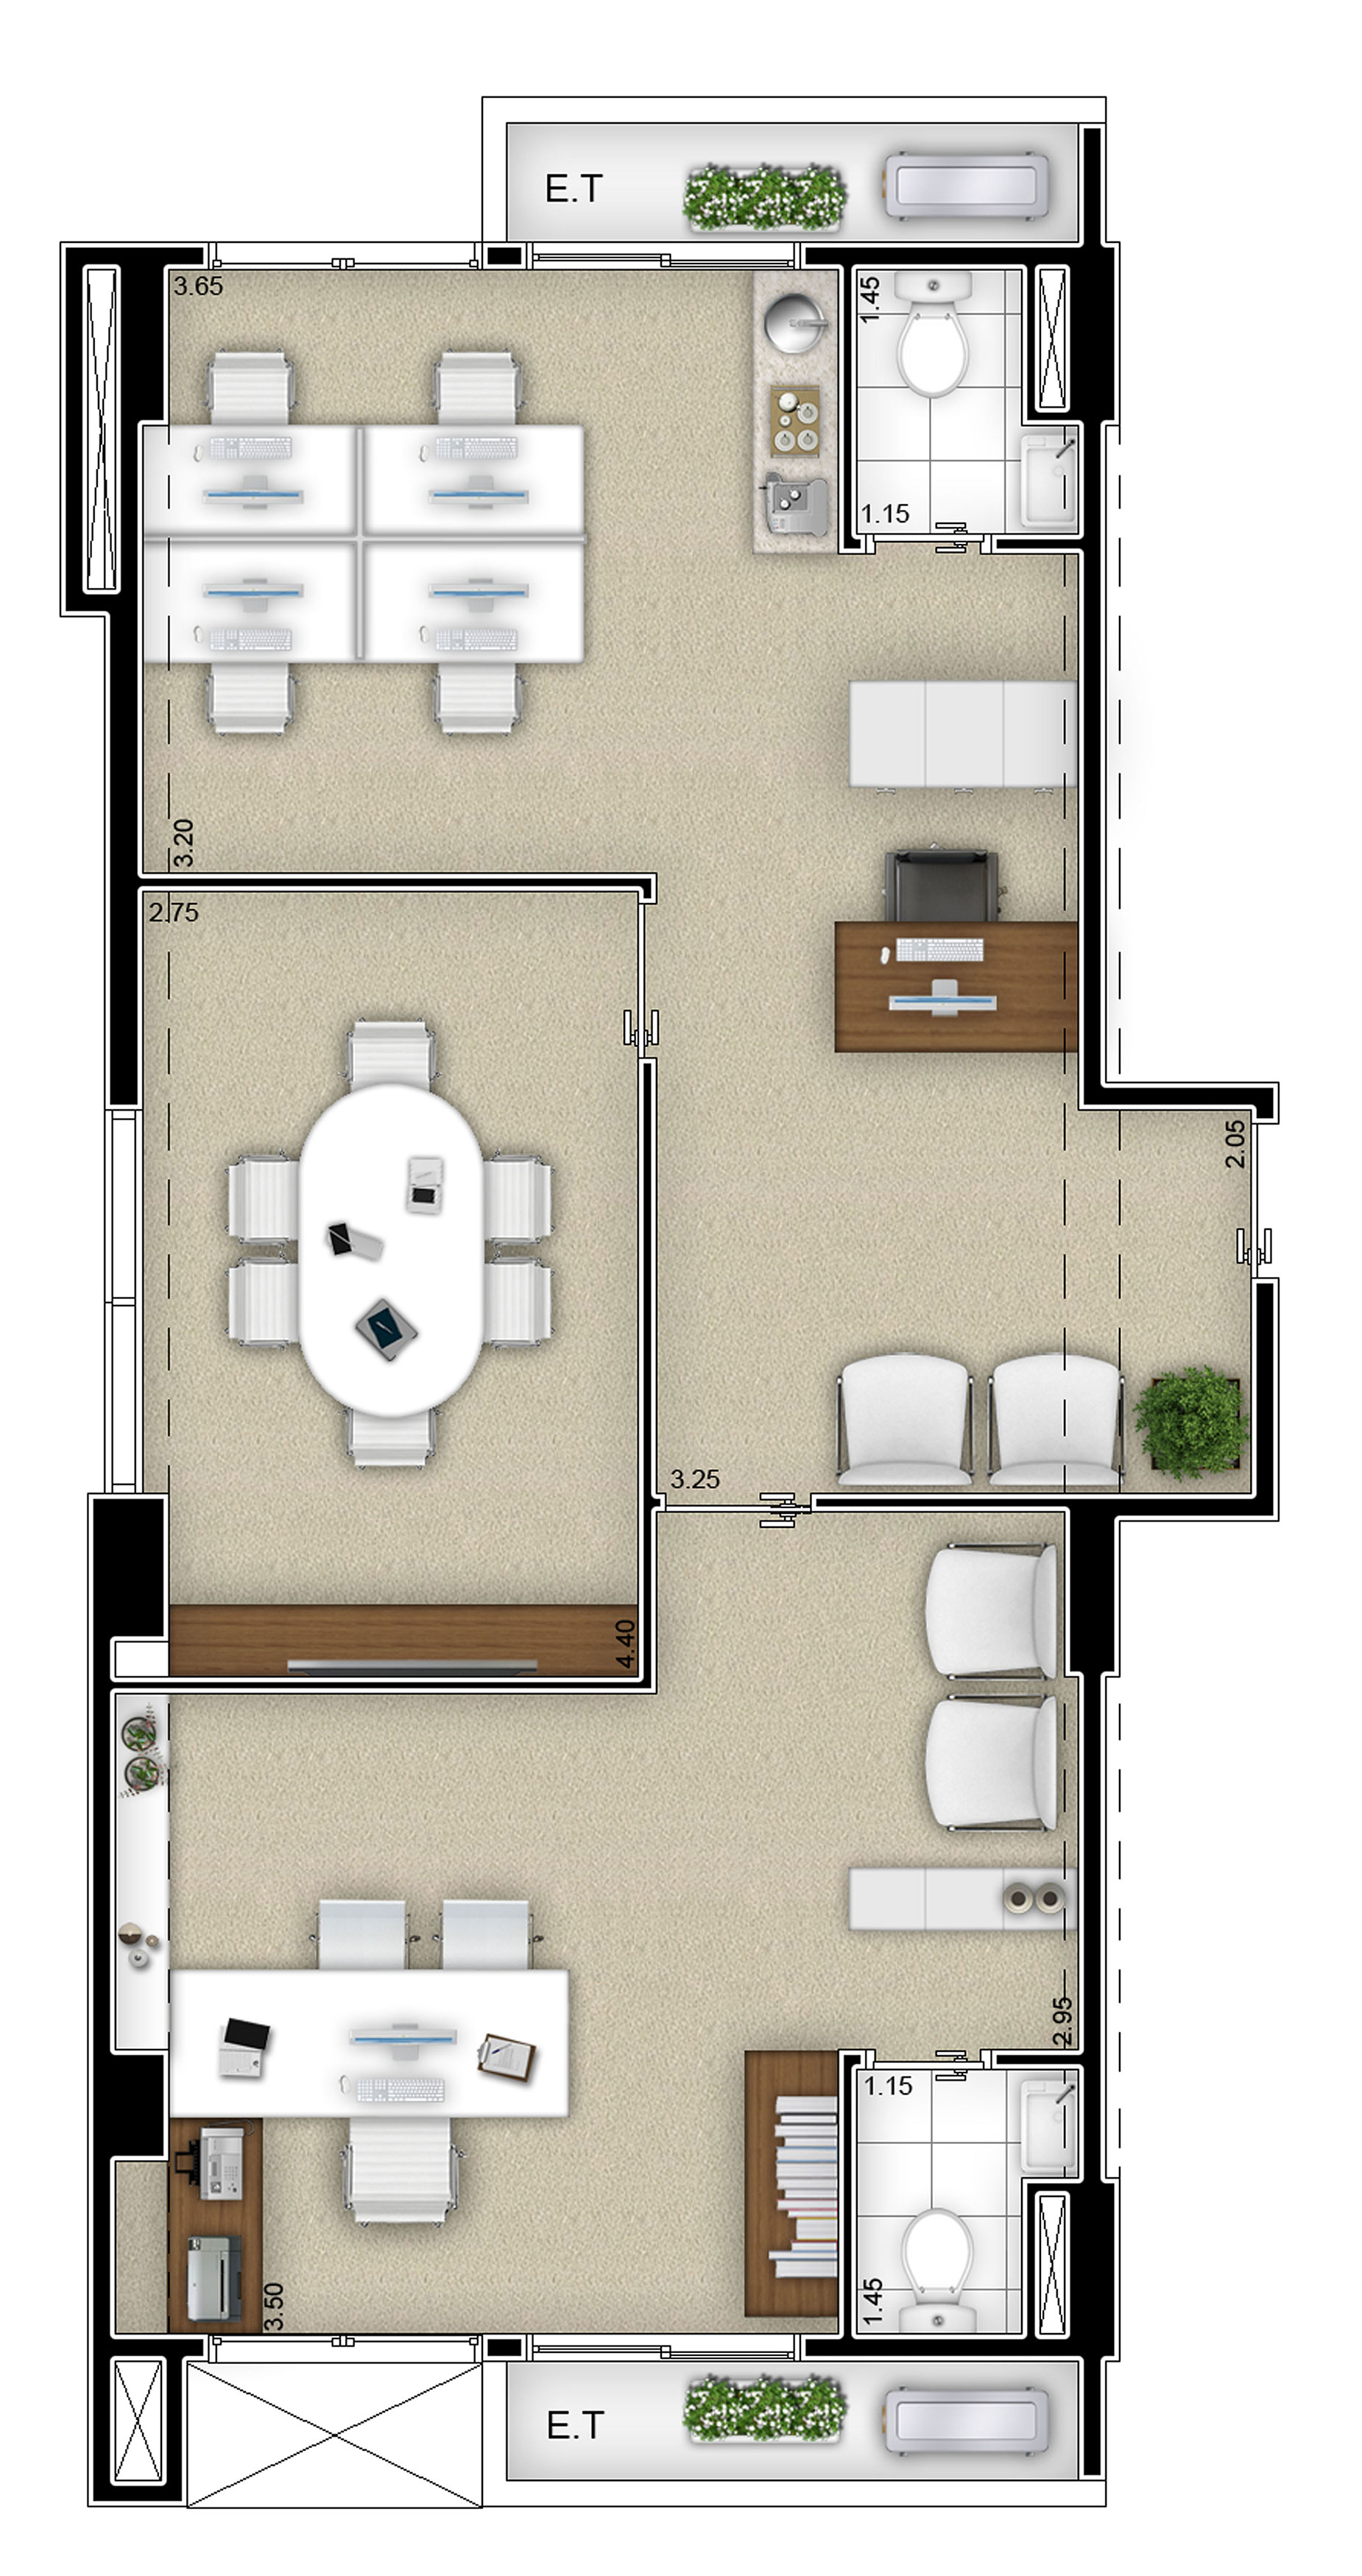 Salas 11 e 12